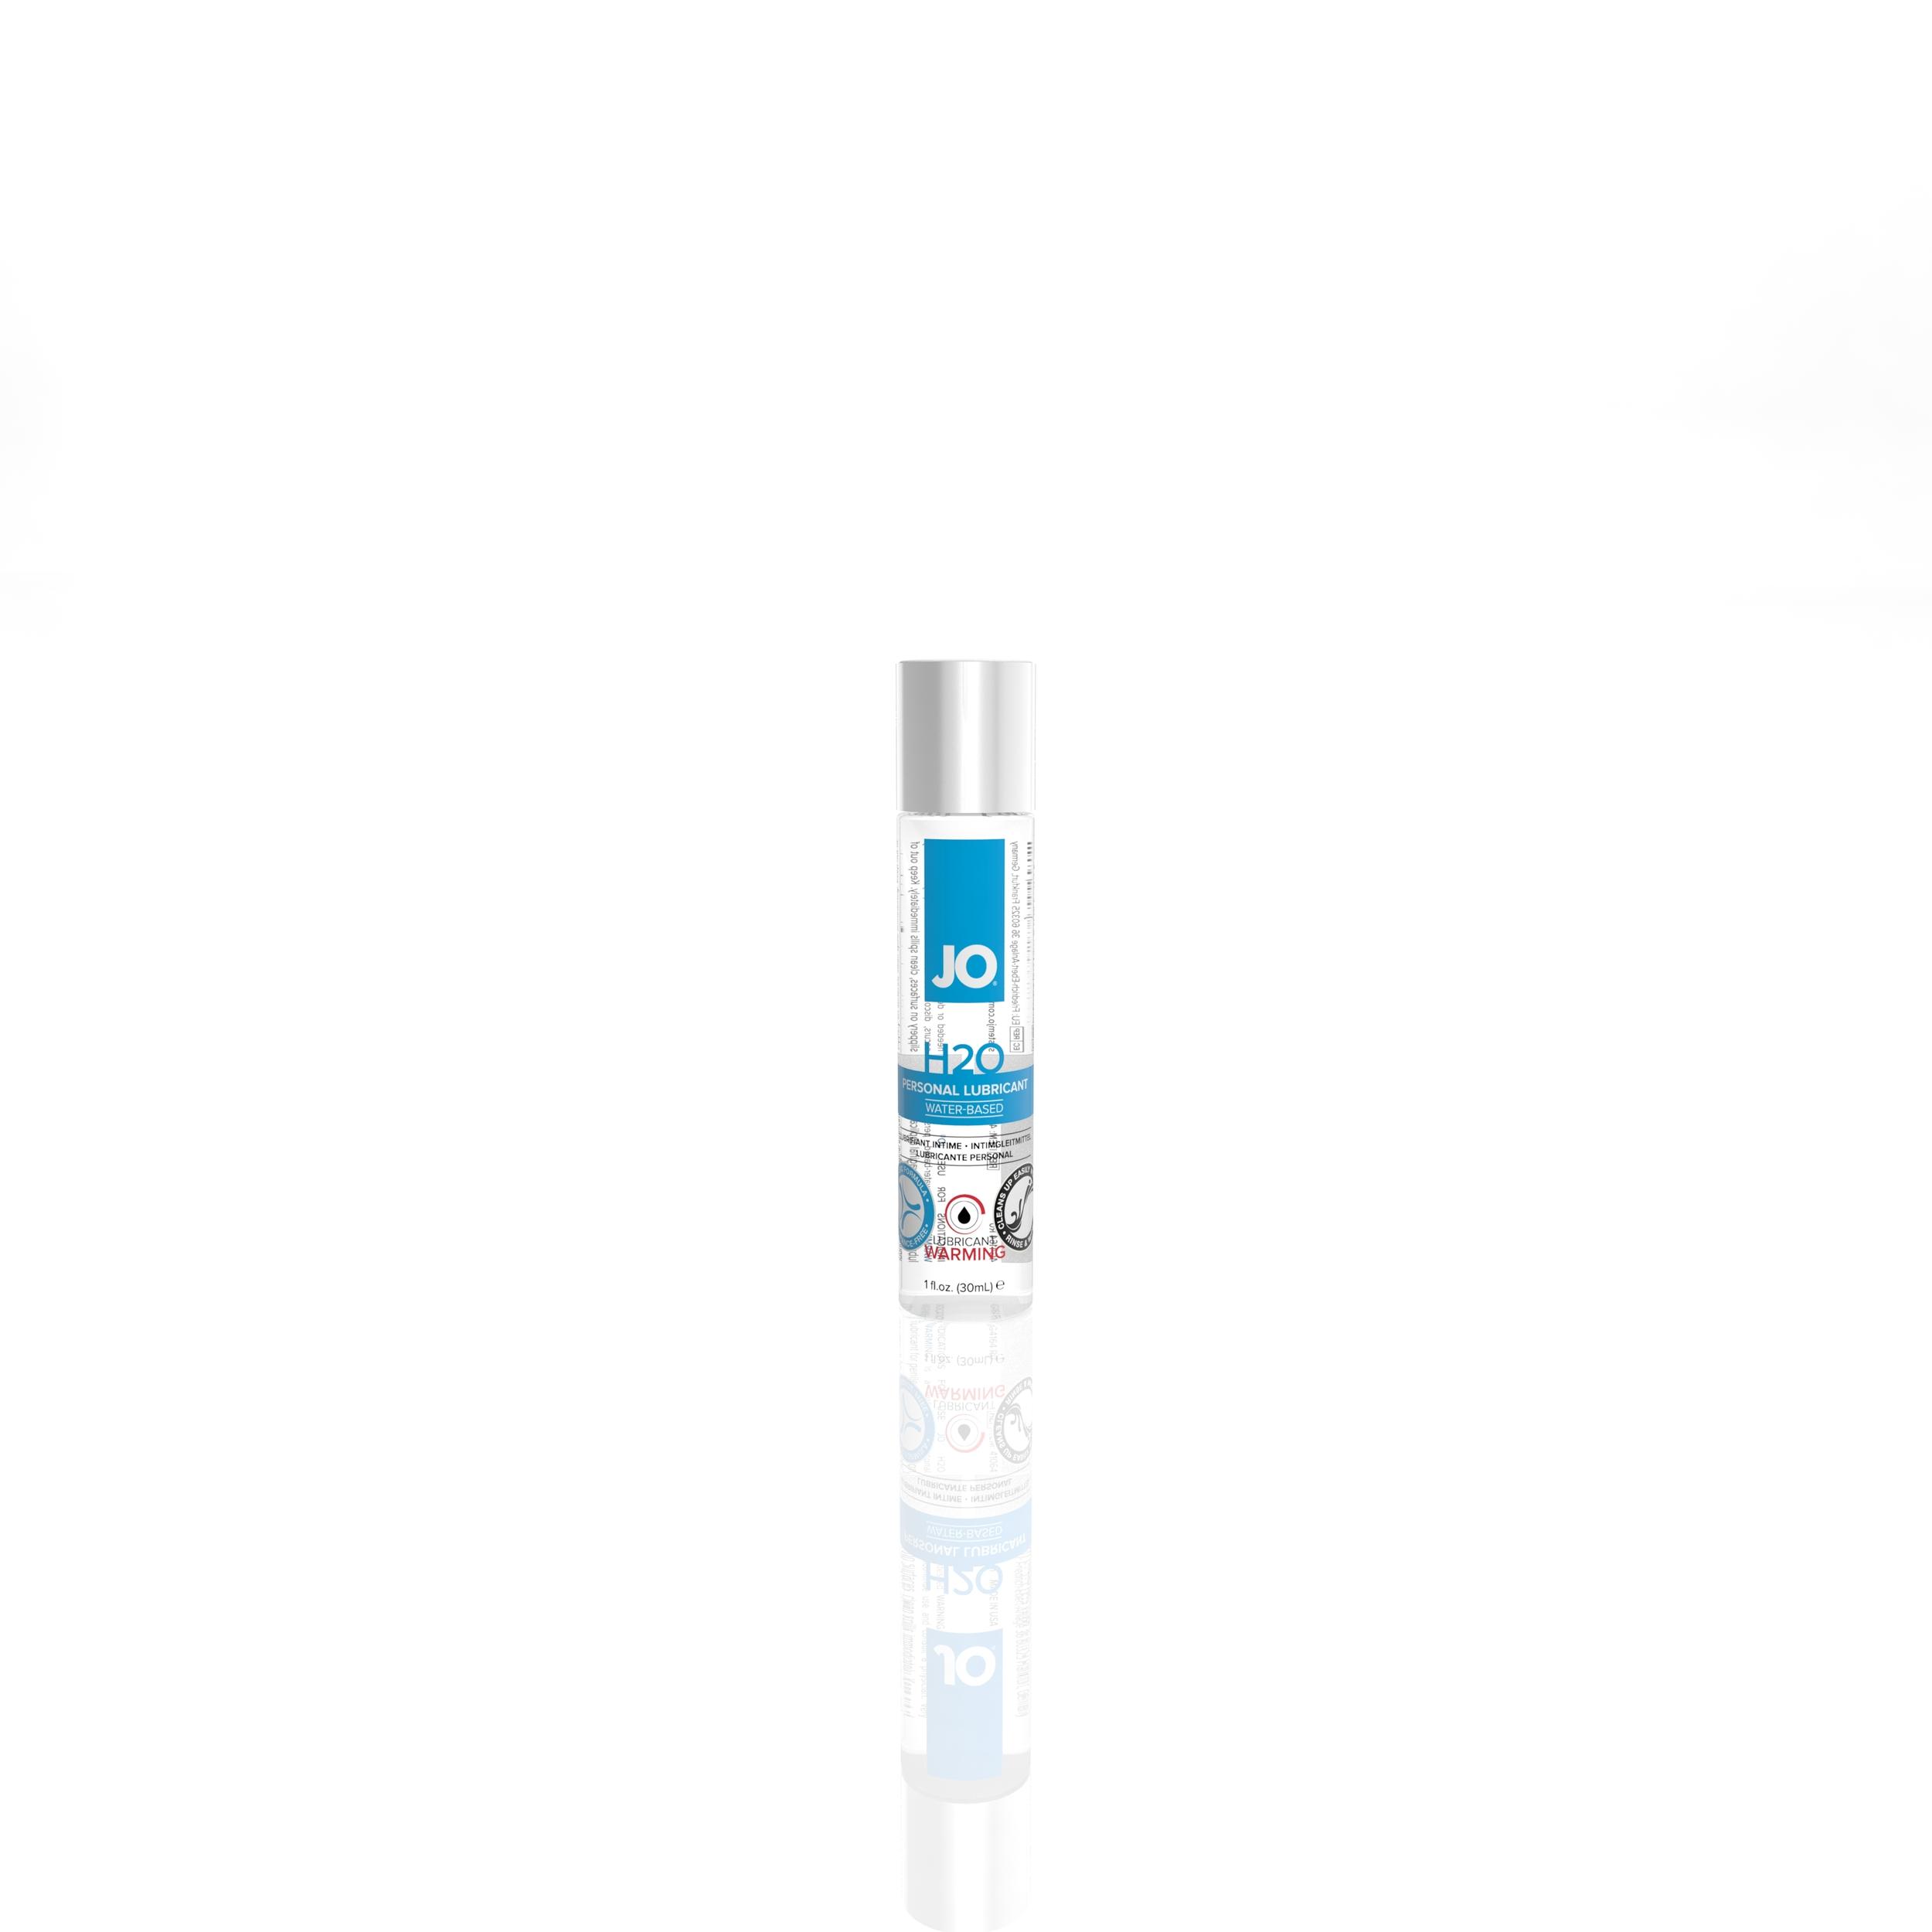 41064 - JO H2O LUBRICANT - WARMING - 1fl.oz30mL.jpg